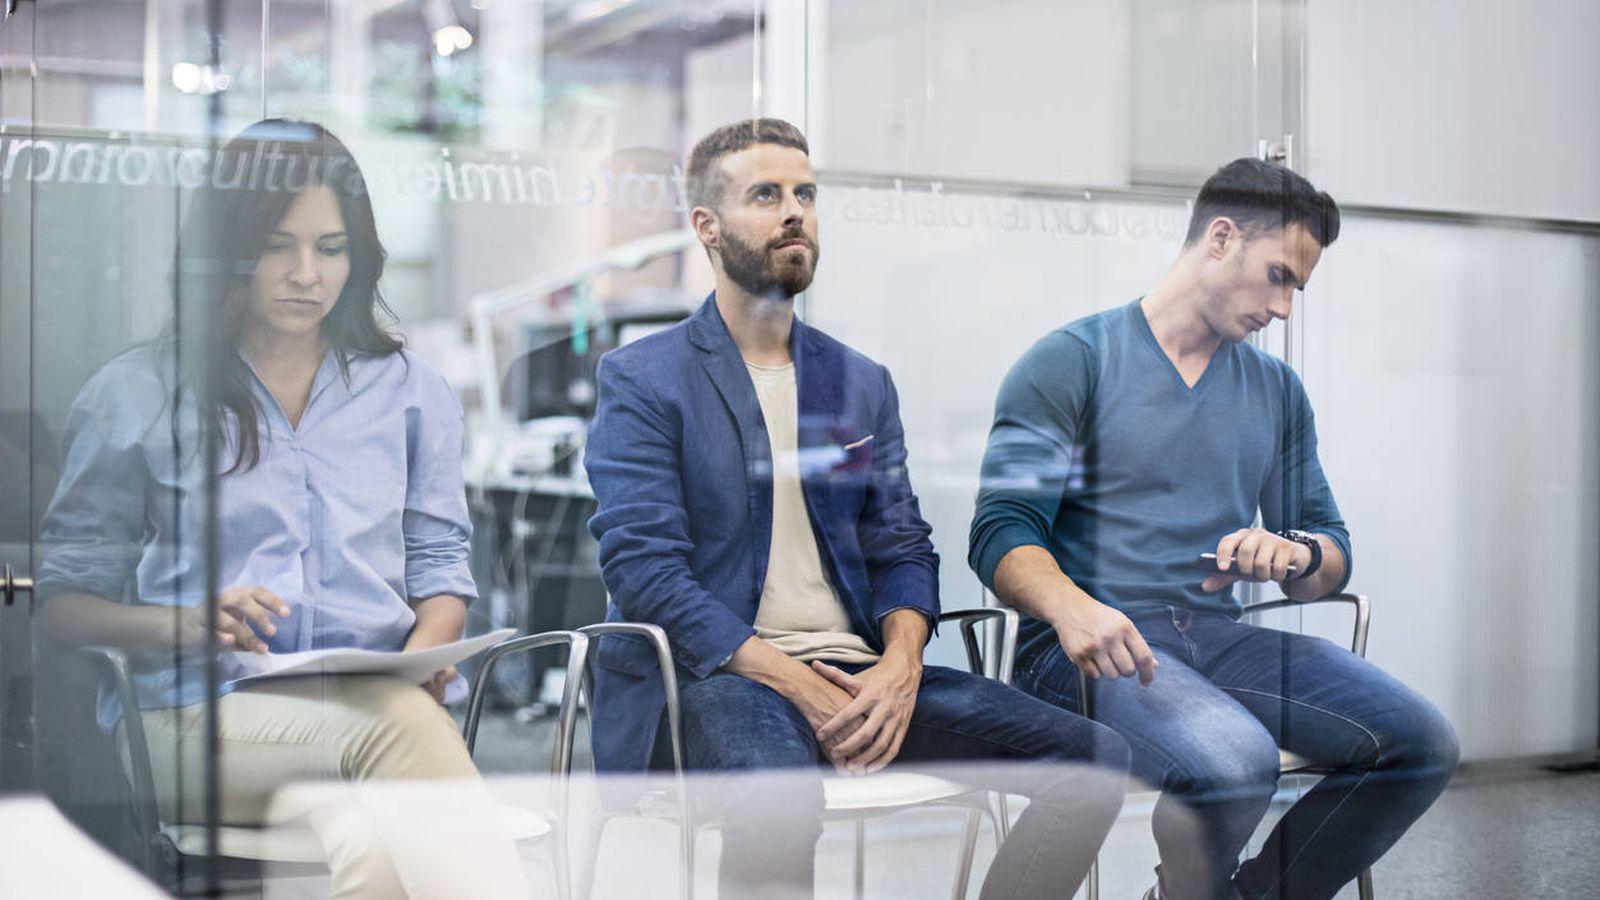 Foto: Tres candidatos esperando a hacer una entrevista de trabajo (iStock)